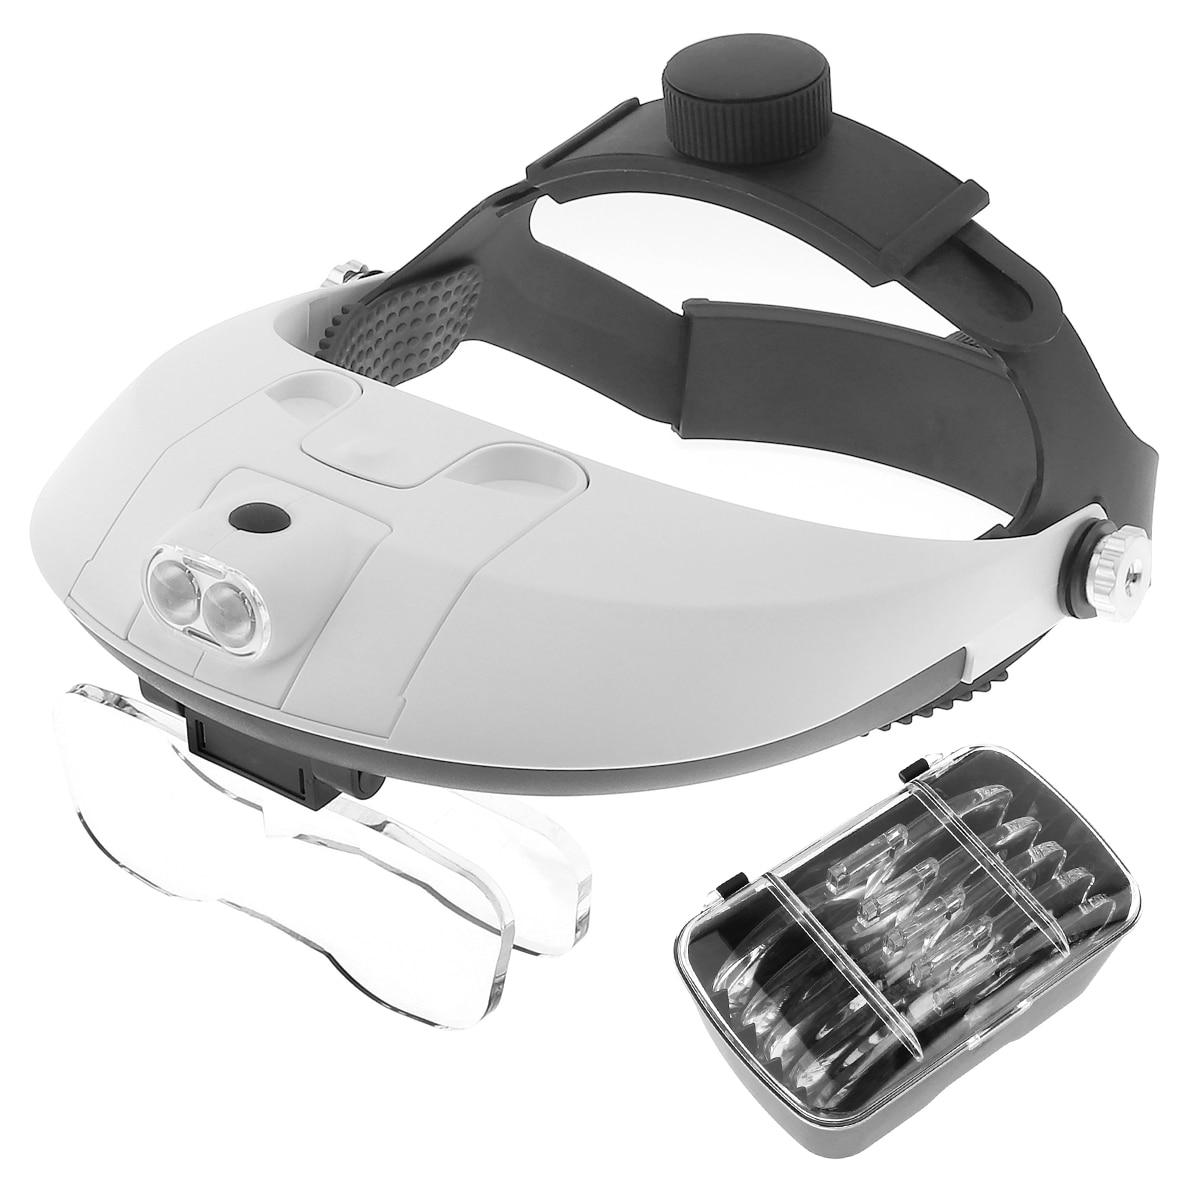 Einstellbare Stirnband 5 Objektiv Fernglas Lupe 2LED Schmuck Reparatur Lesen Lupe Third Hand Lupe PMMA Optische Linse